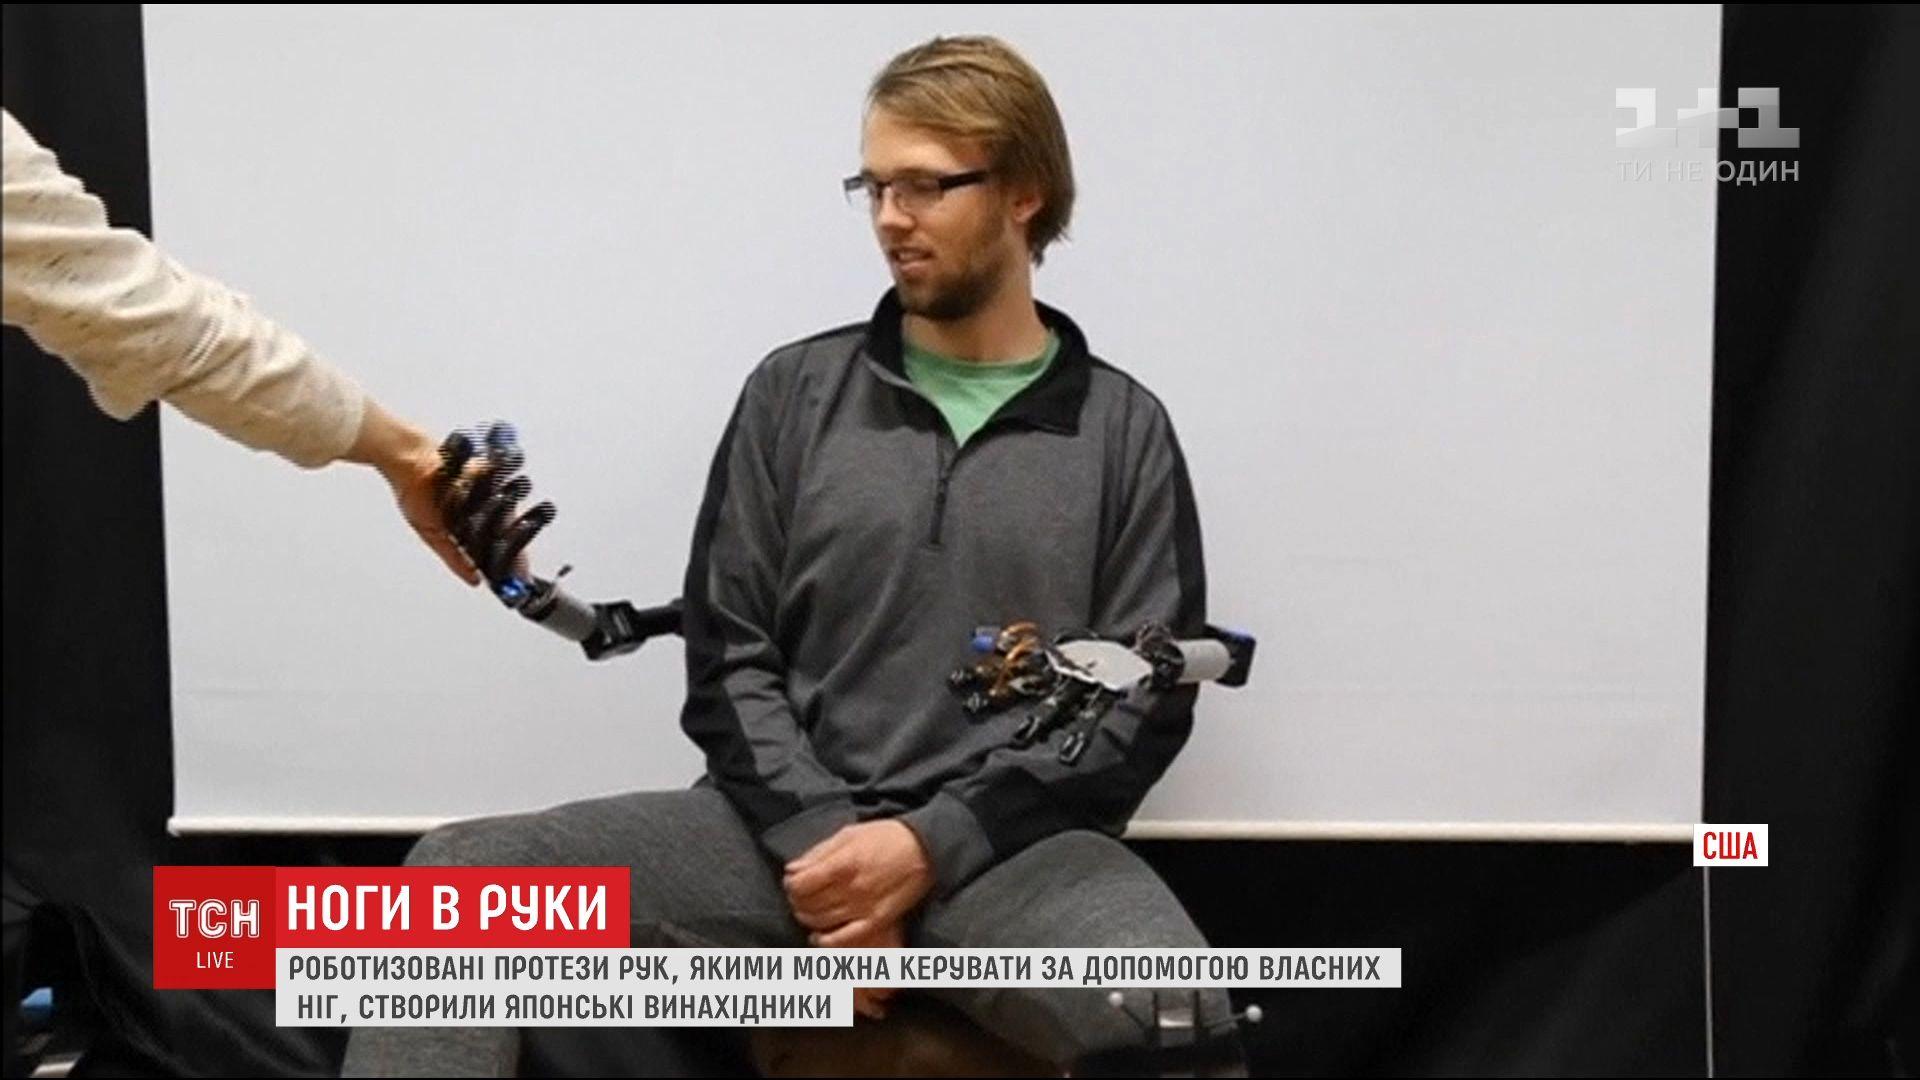 Японські винахідники створили роботизовані кінцівки для тих, хто втратив руки (відео)